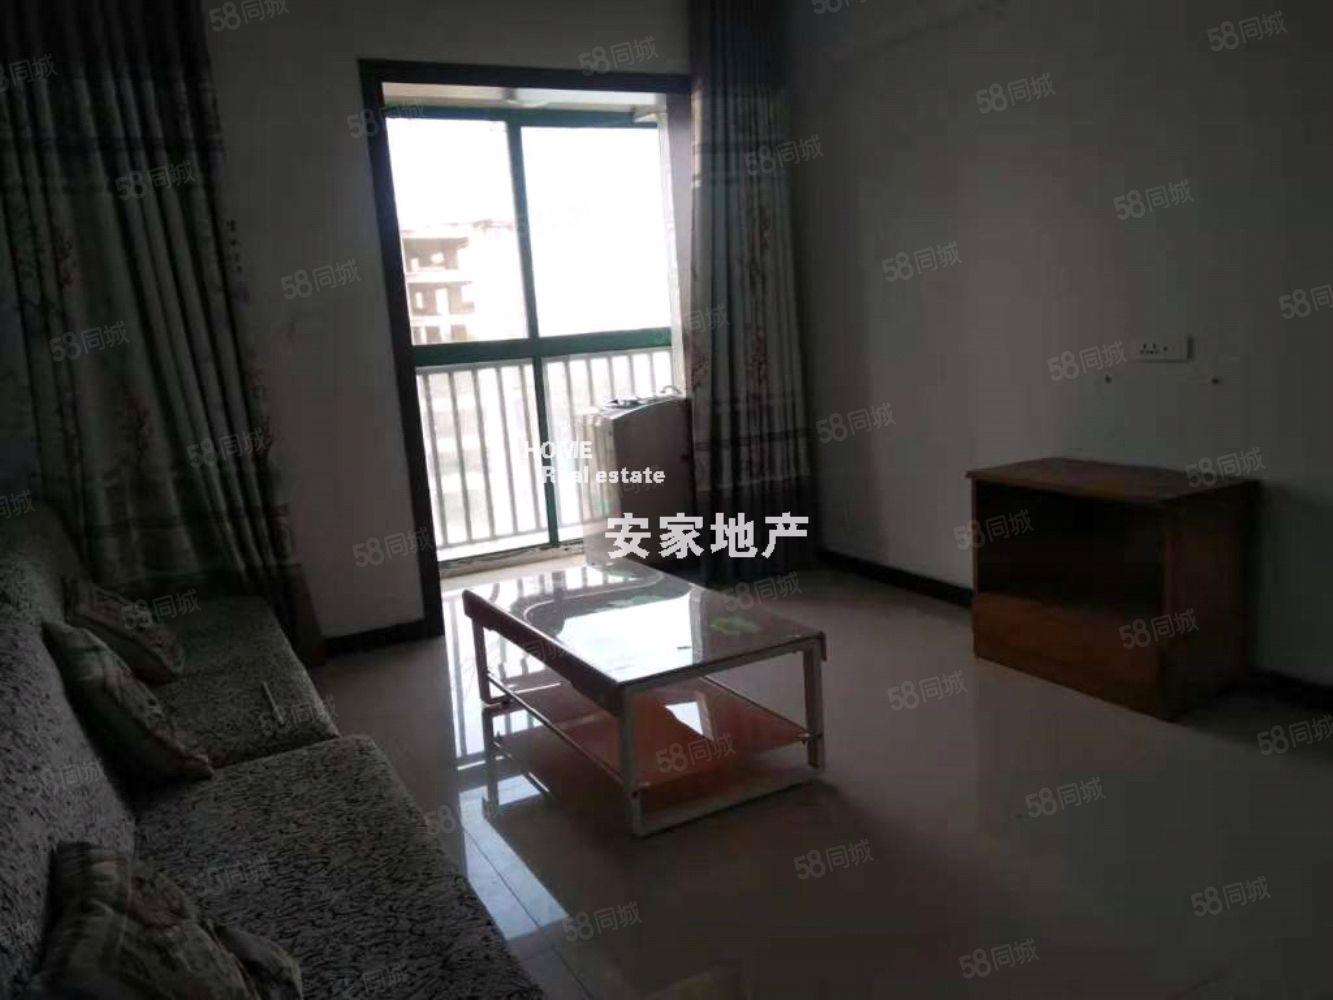 紫荆城电梯一室一厅,拎包入住,长租可优惠,看房有钥匙